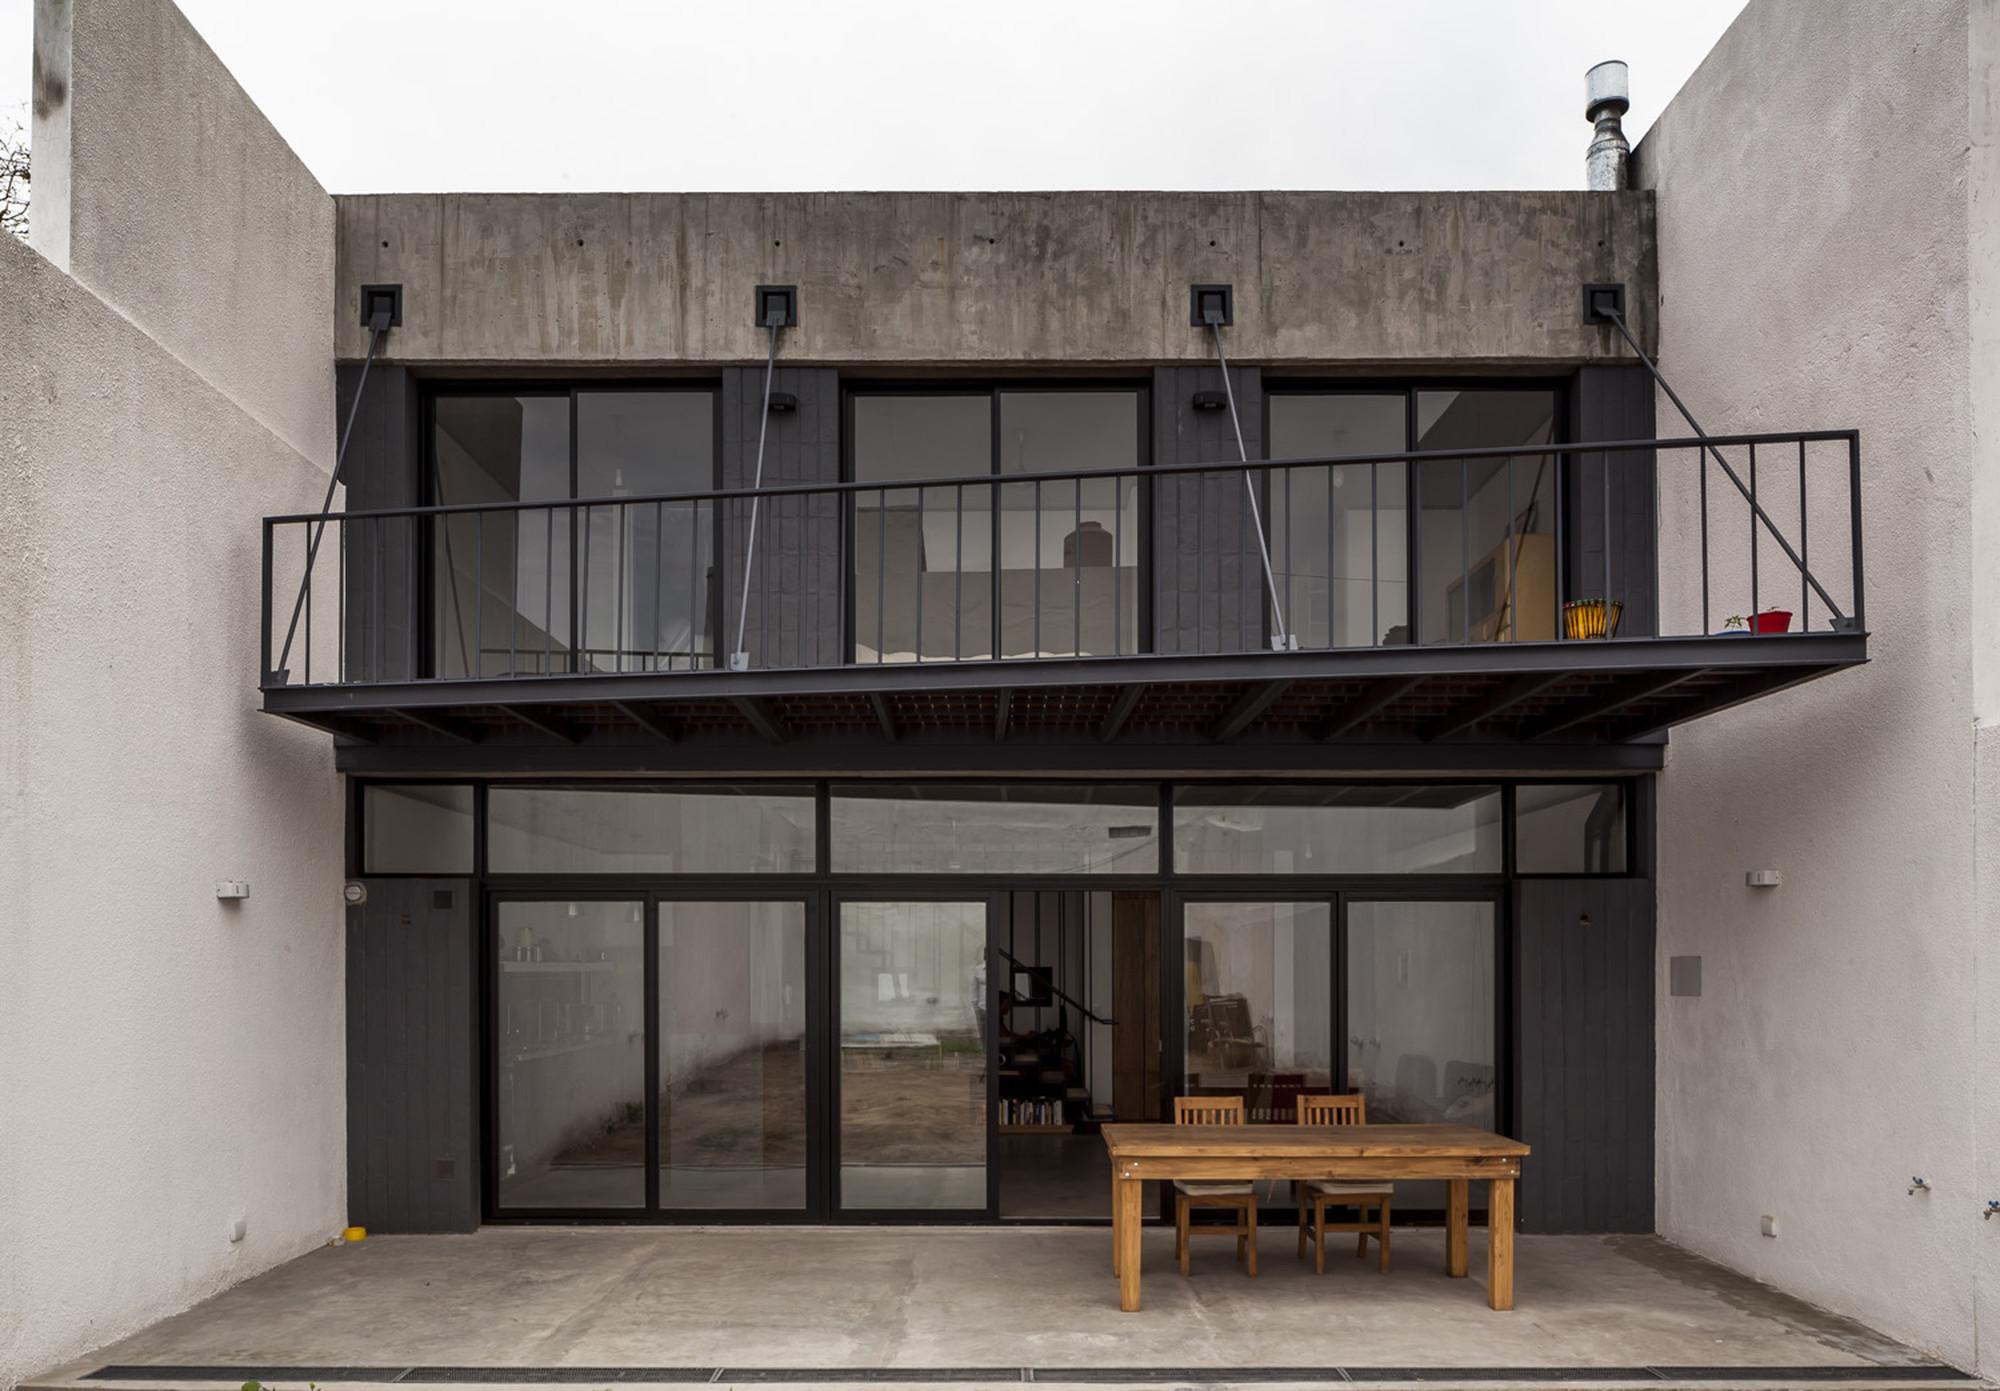 Oficina & Casa Luna  / Hitzig Militello Arquitectos, © Federico Kulekdjian